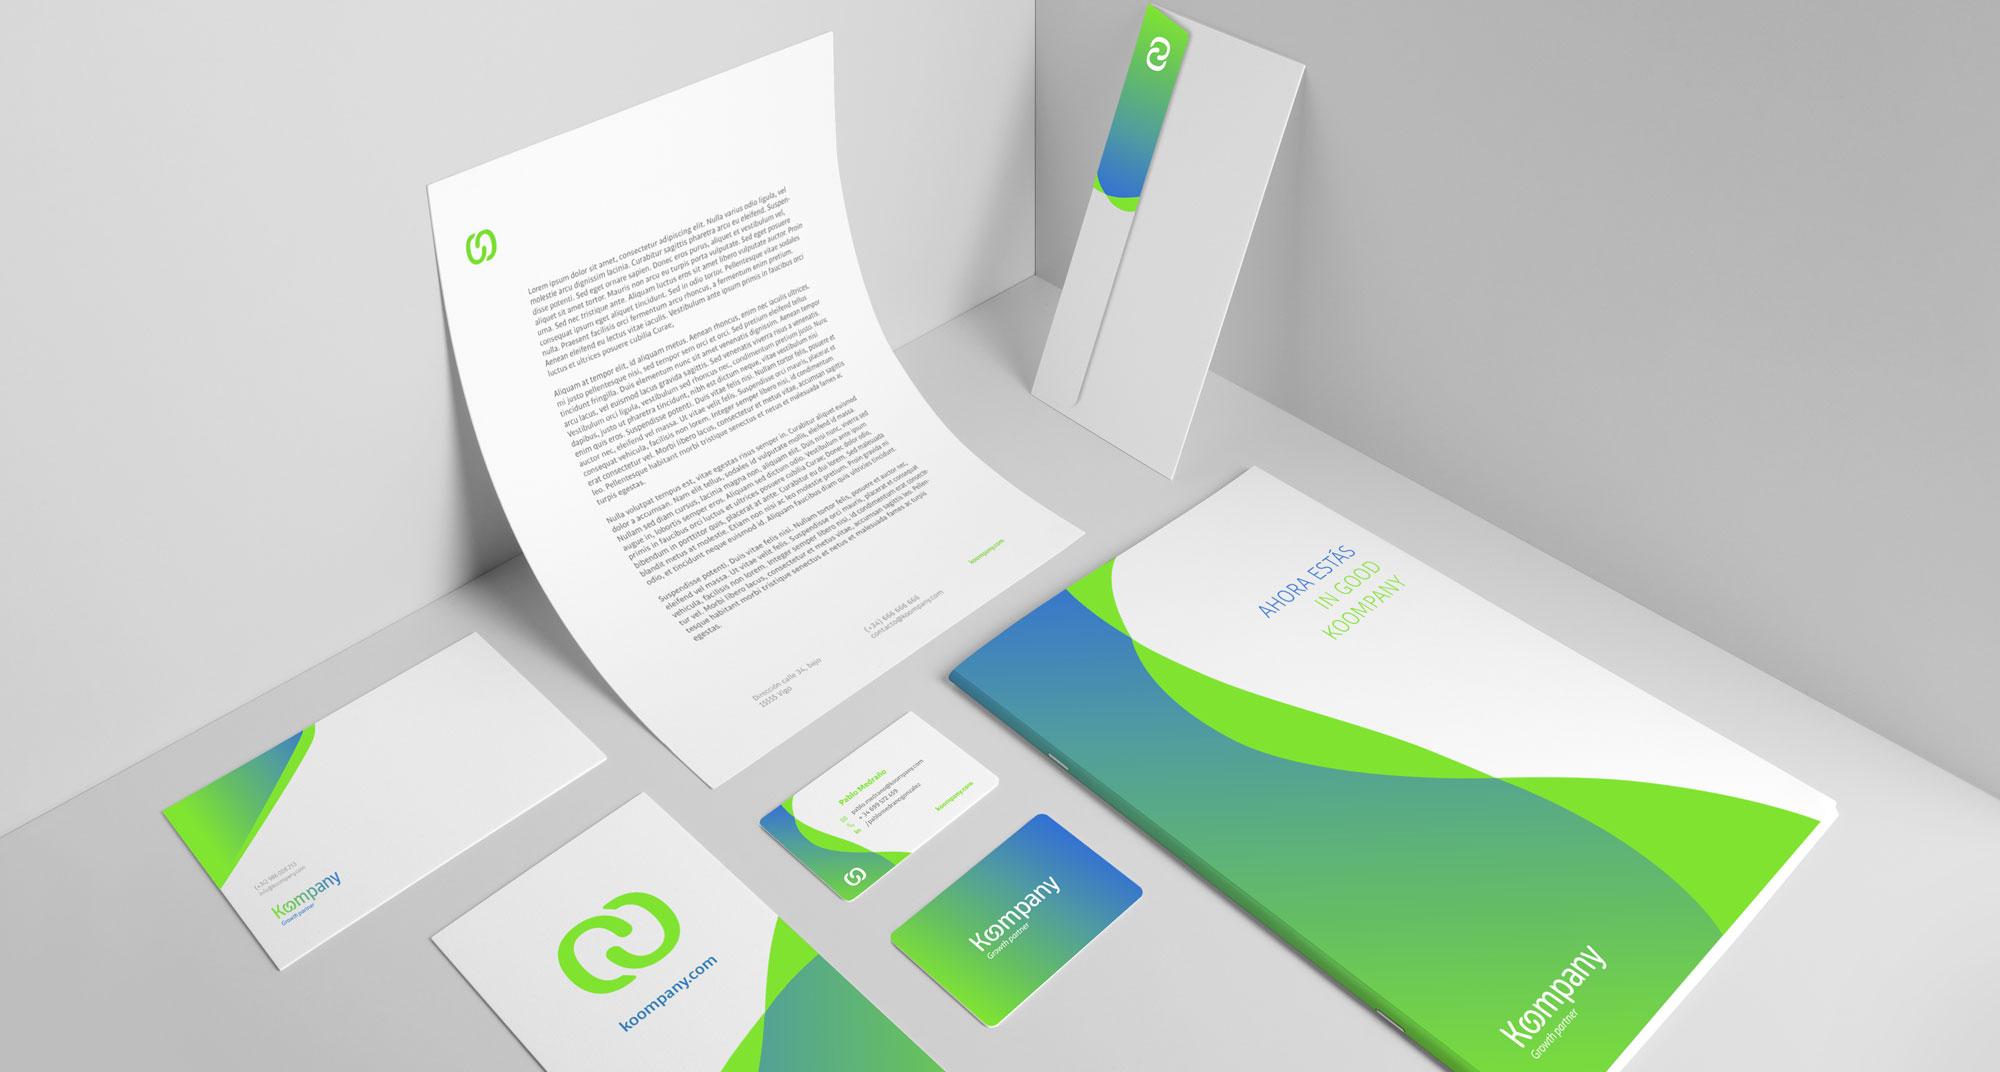 muestra del diseño de la papelería corporativa de la marca, sus colores vivos y brillantes forman parte de la identidad corporativa